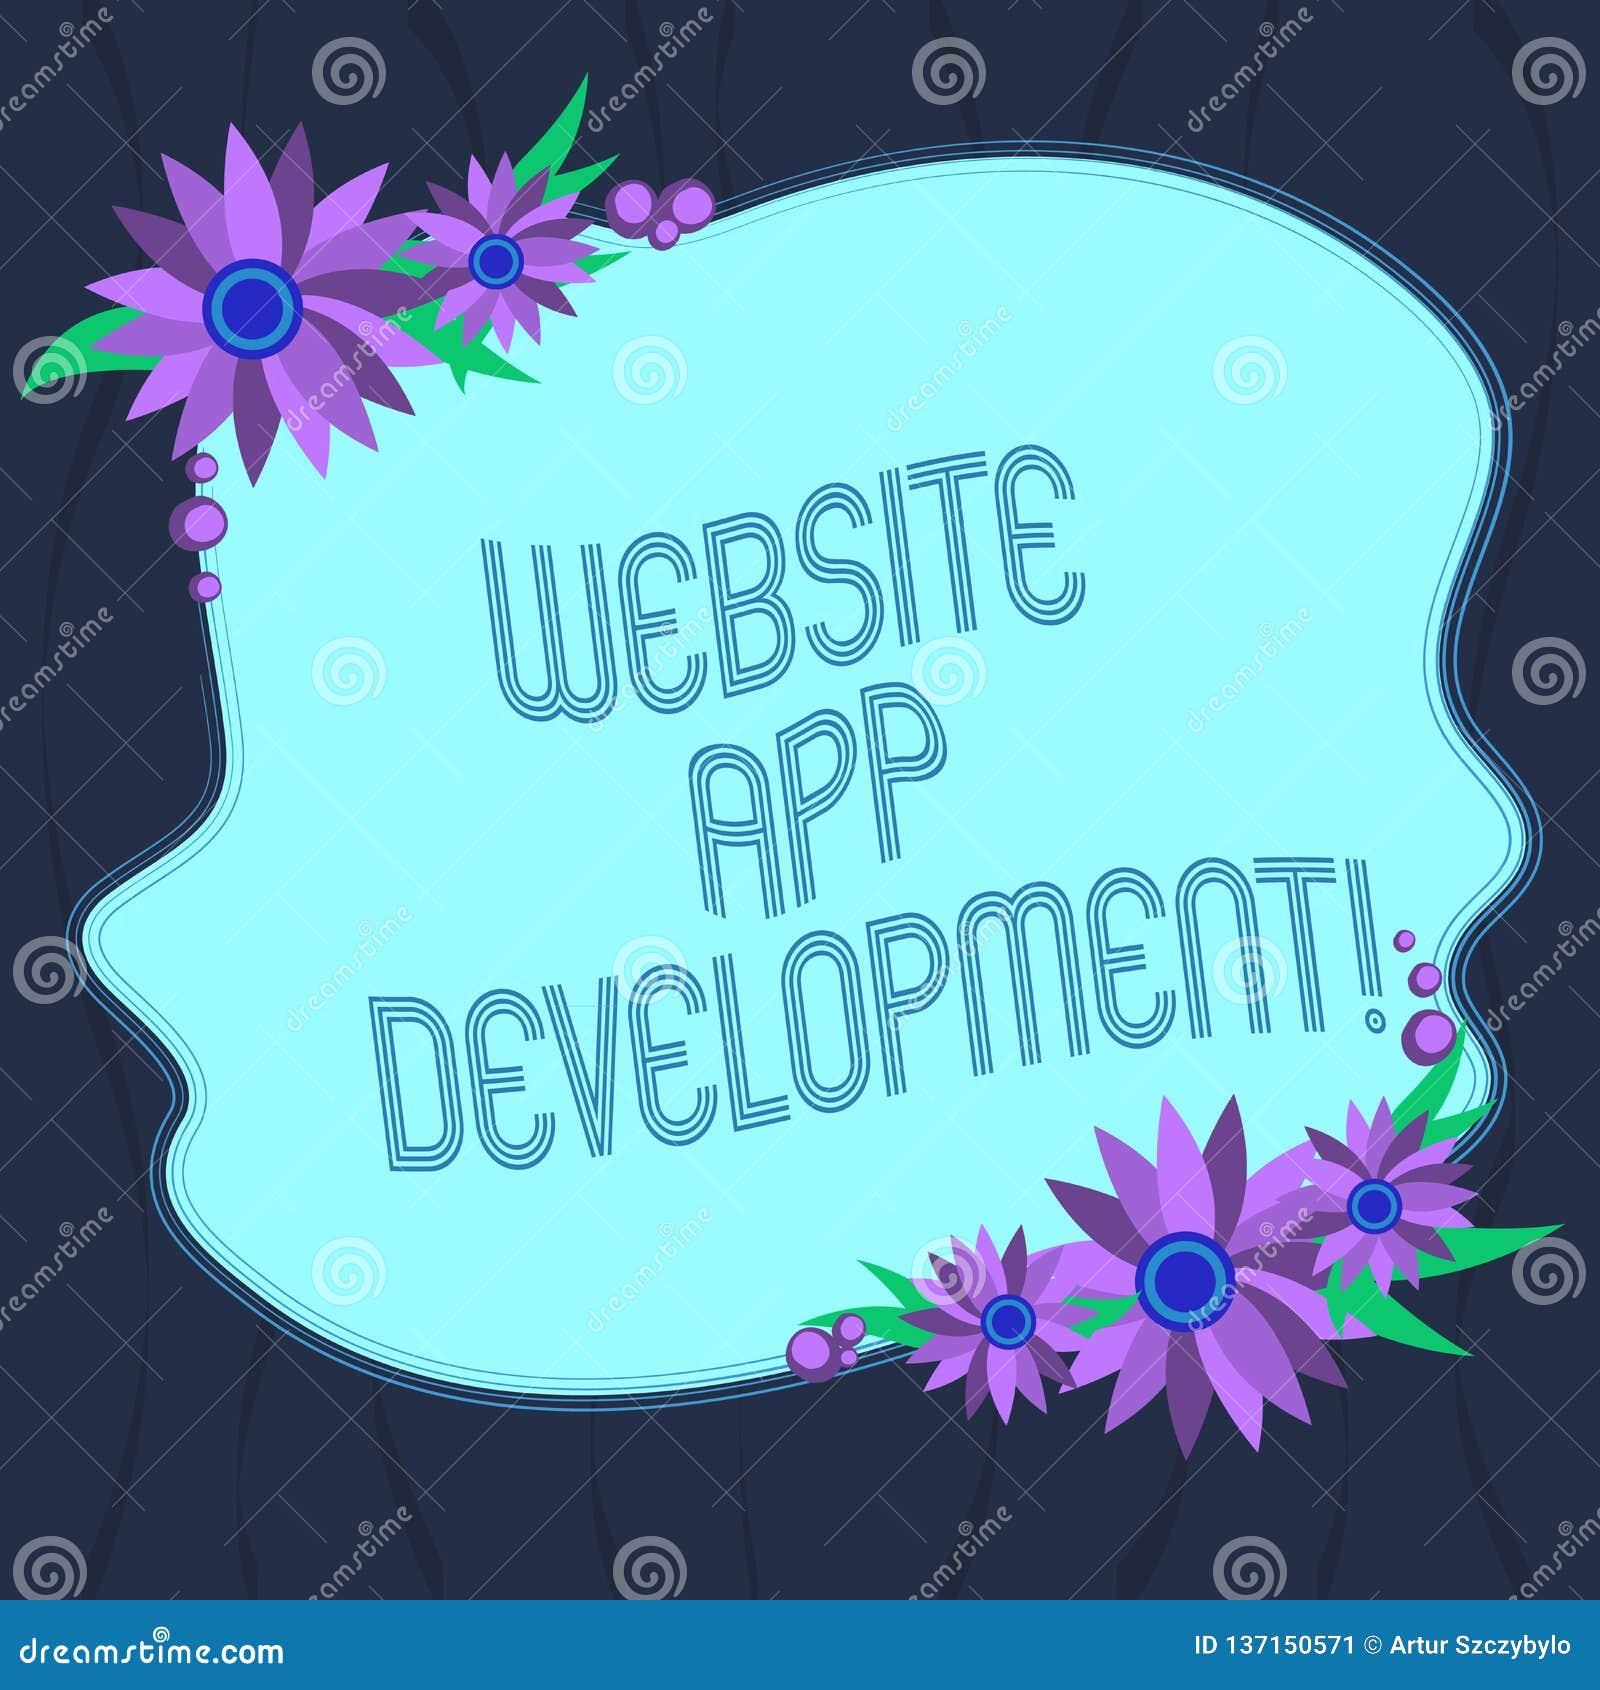 Word Writing Text Website App Development Business Concept